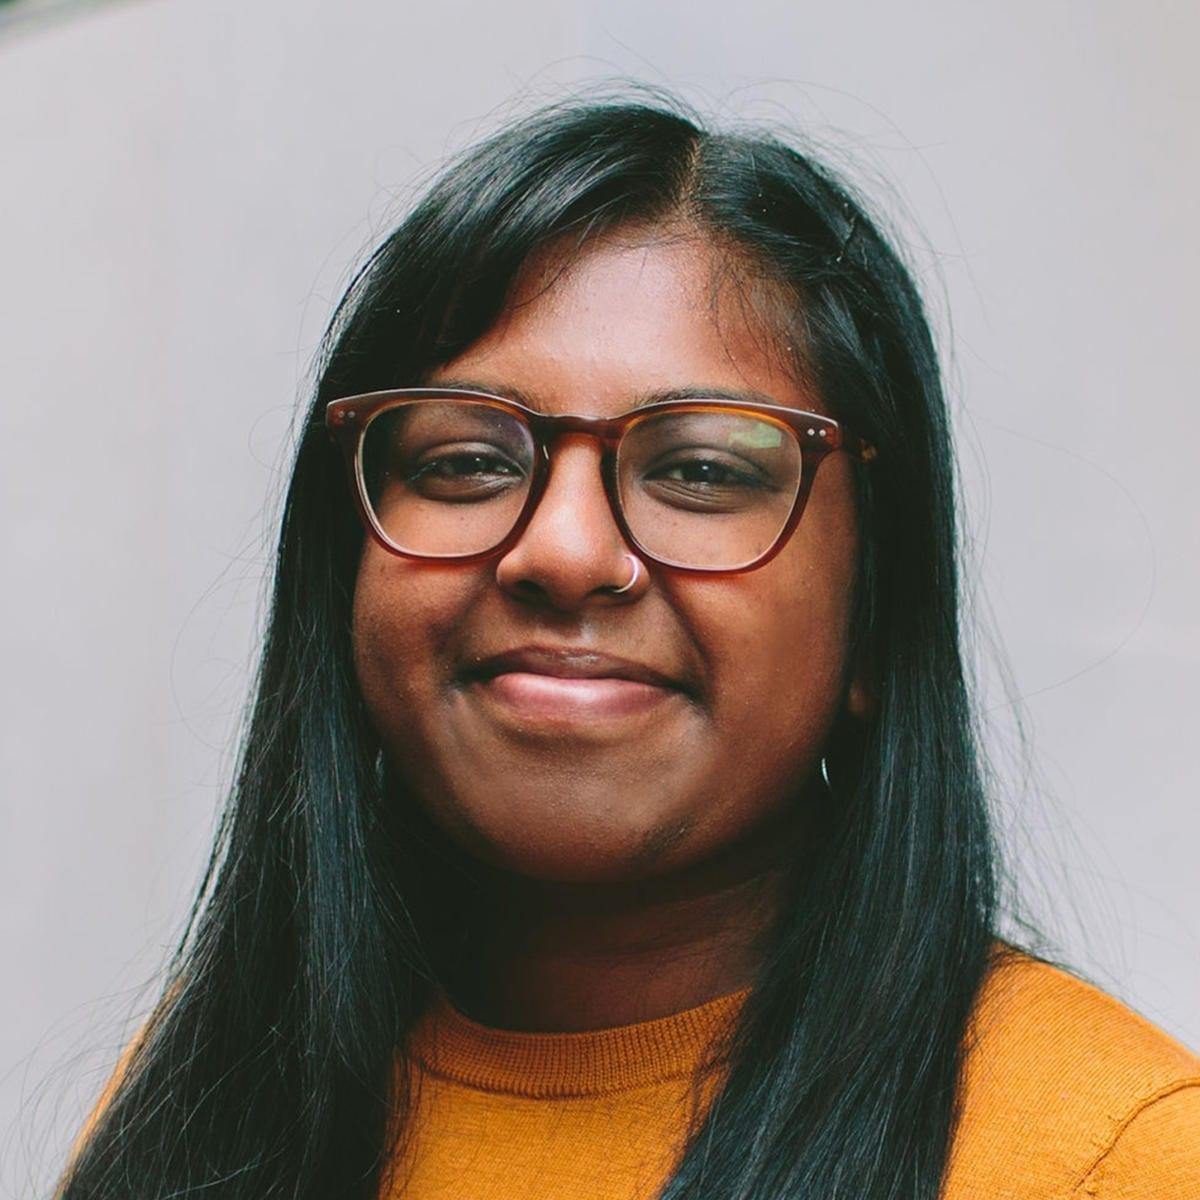 Member - Abinaja Yogarajah